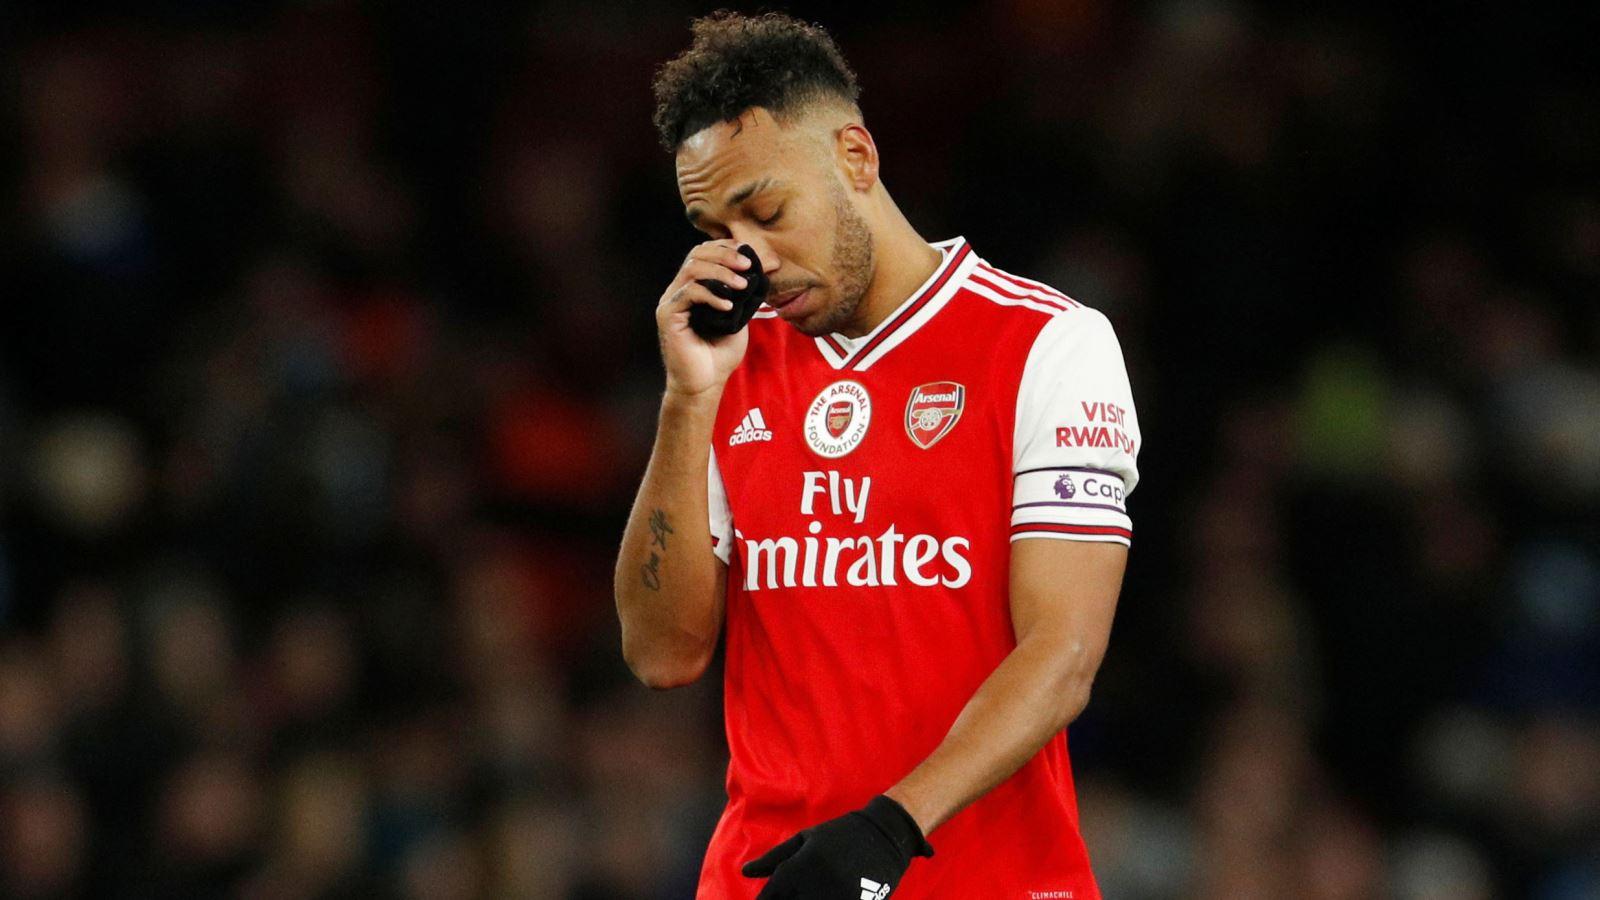 Bong da, chuyển nhượng bóng đá, chuyển nhượng MU, chuyển nhượng Barca, MU, Barcelona, chuyển nhượng Arsenal, chuyển nhượng bóng đá hôm nay, lịch thi đấu bóng đá hôm nay